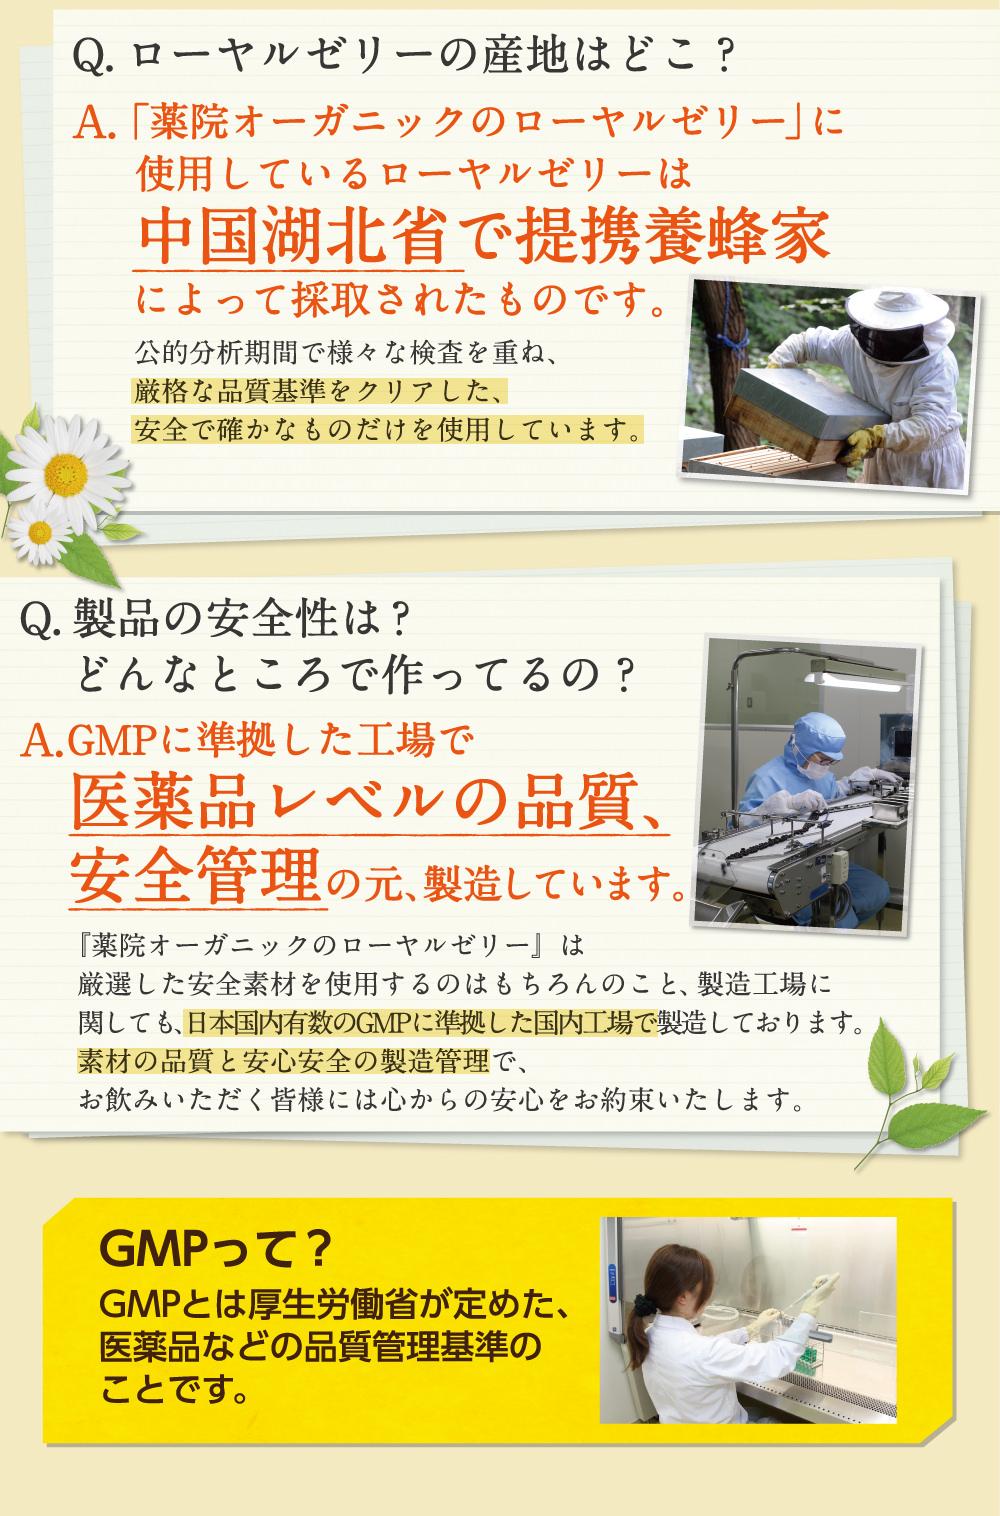 Q,ローヤルゼリーの産地はどこ?A,中国湖北省で提携養蜂場によって採取されたものです。Q,製品の安全性は?どんなところで作っているの?A,GMP認定工場で医薬品レベルの品質、安全管理の元、製造しています。